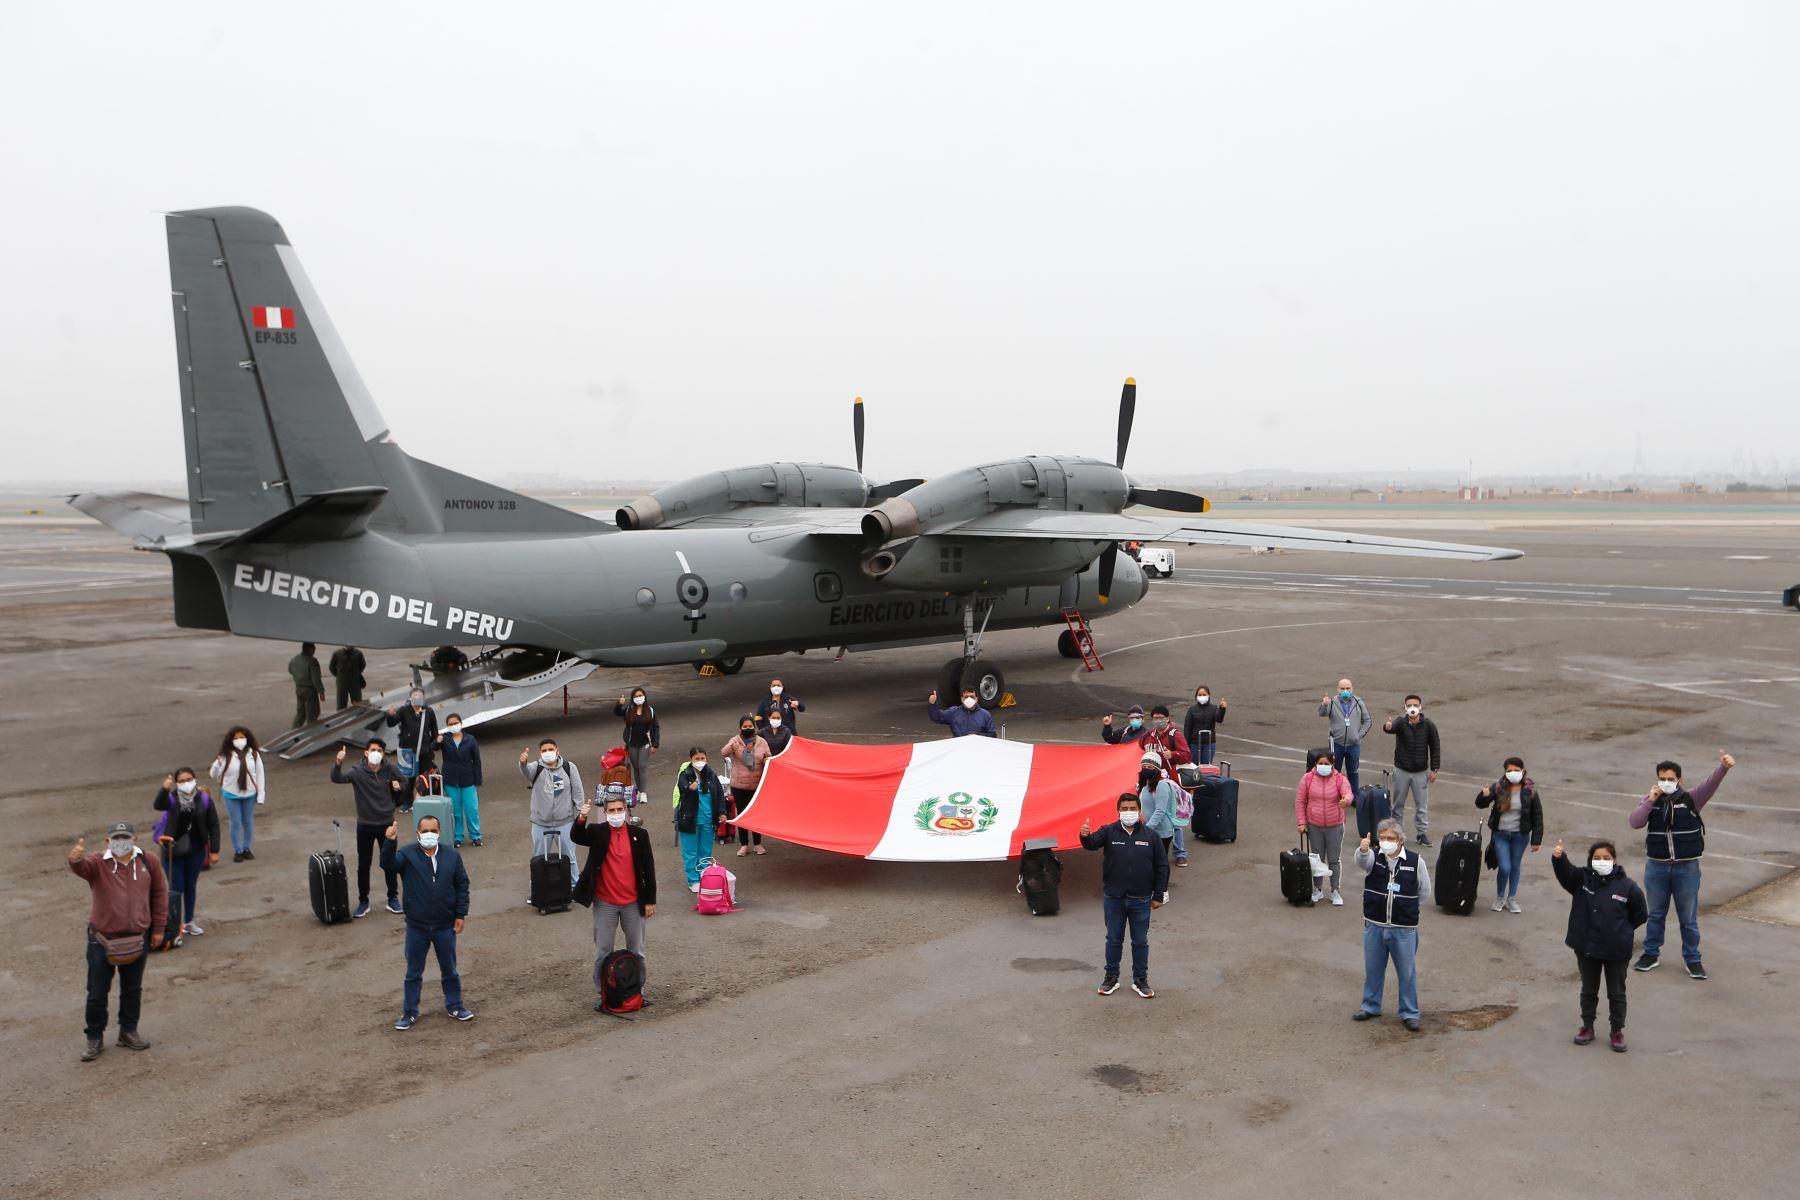 La brigada conformada por médicos, enfermeras, odontólogos y biólogos, fortalecerá la atención de salud en la provincia de Jaén, en Cajamarca.  ANDINA/Difusión